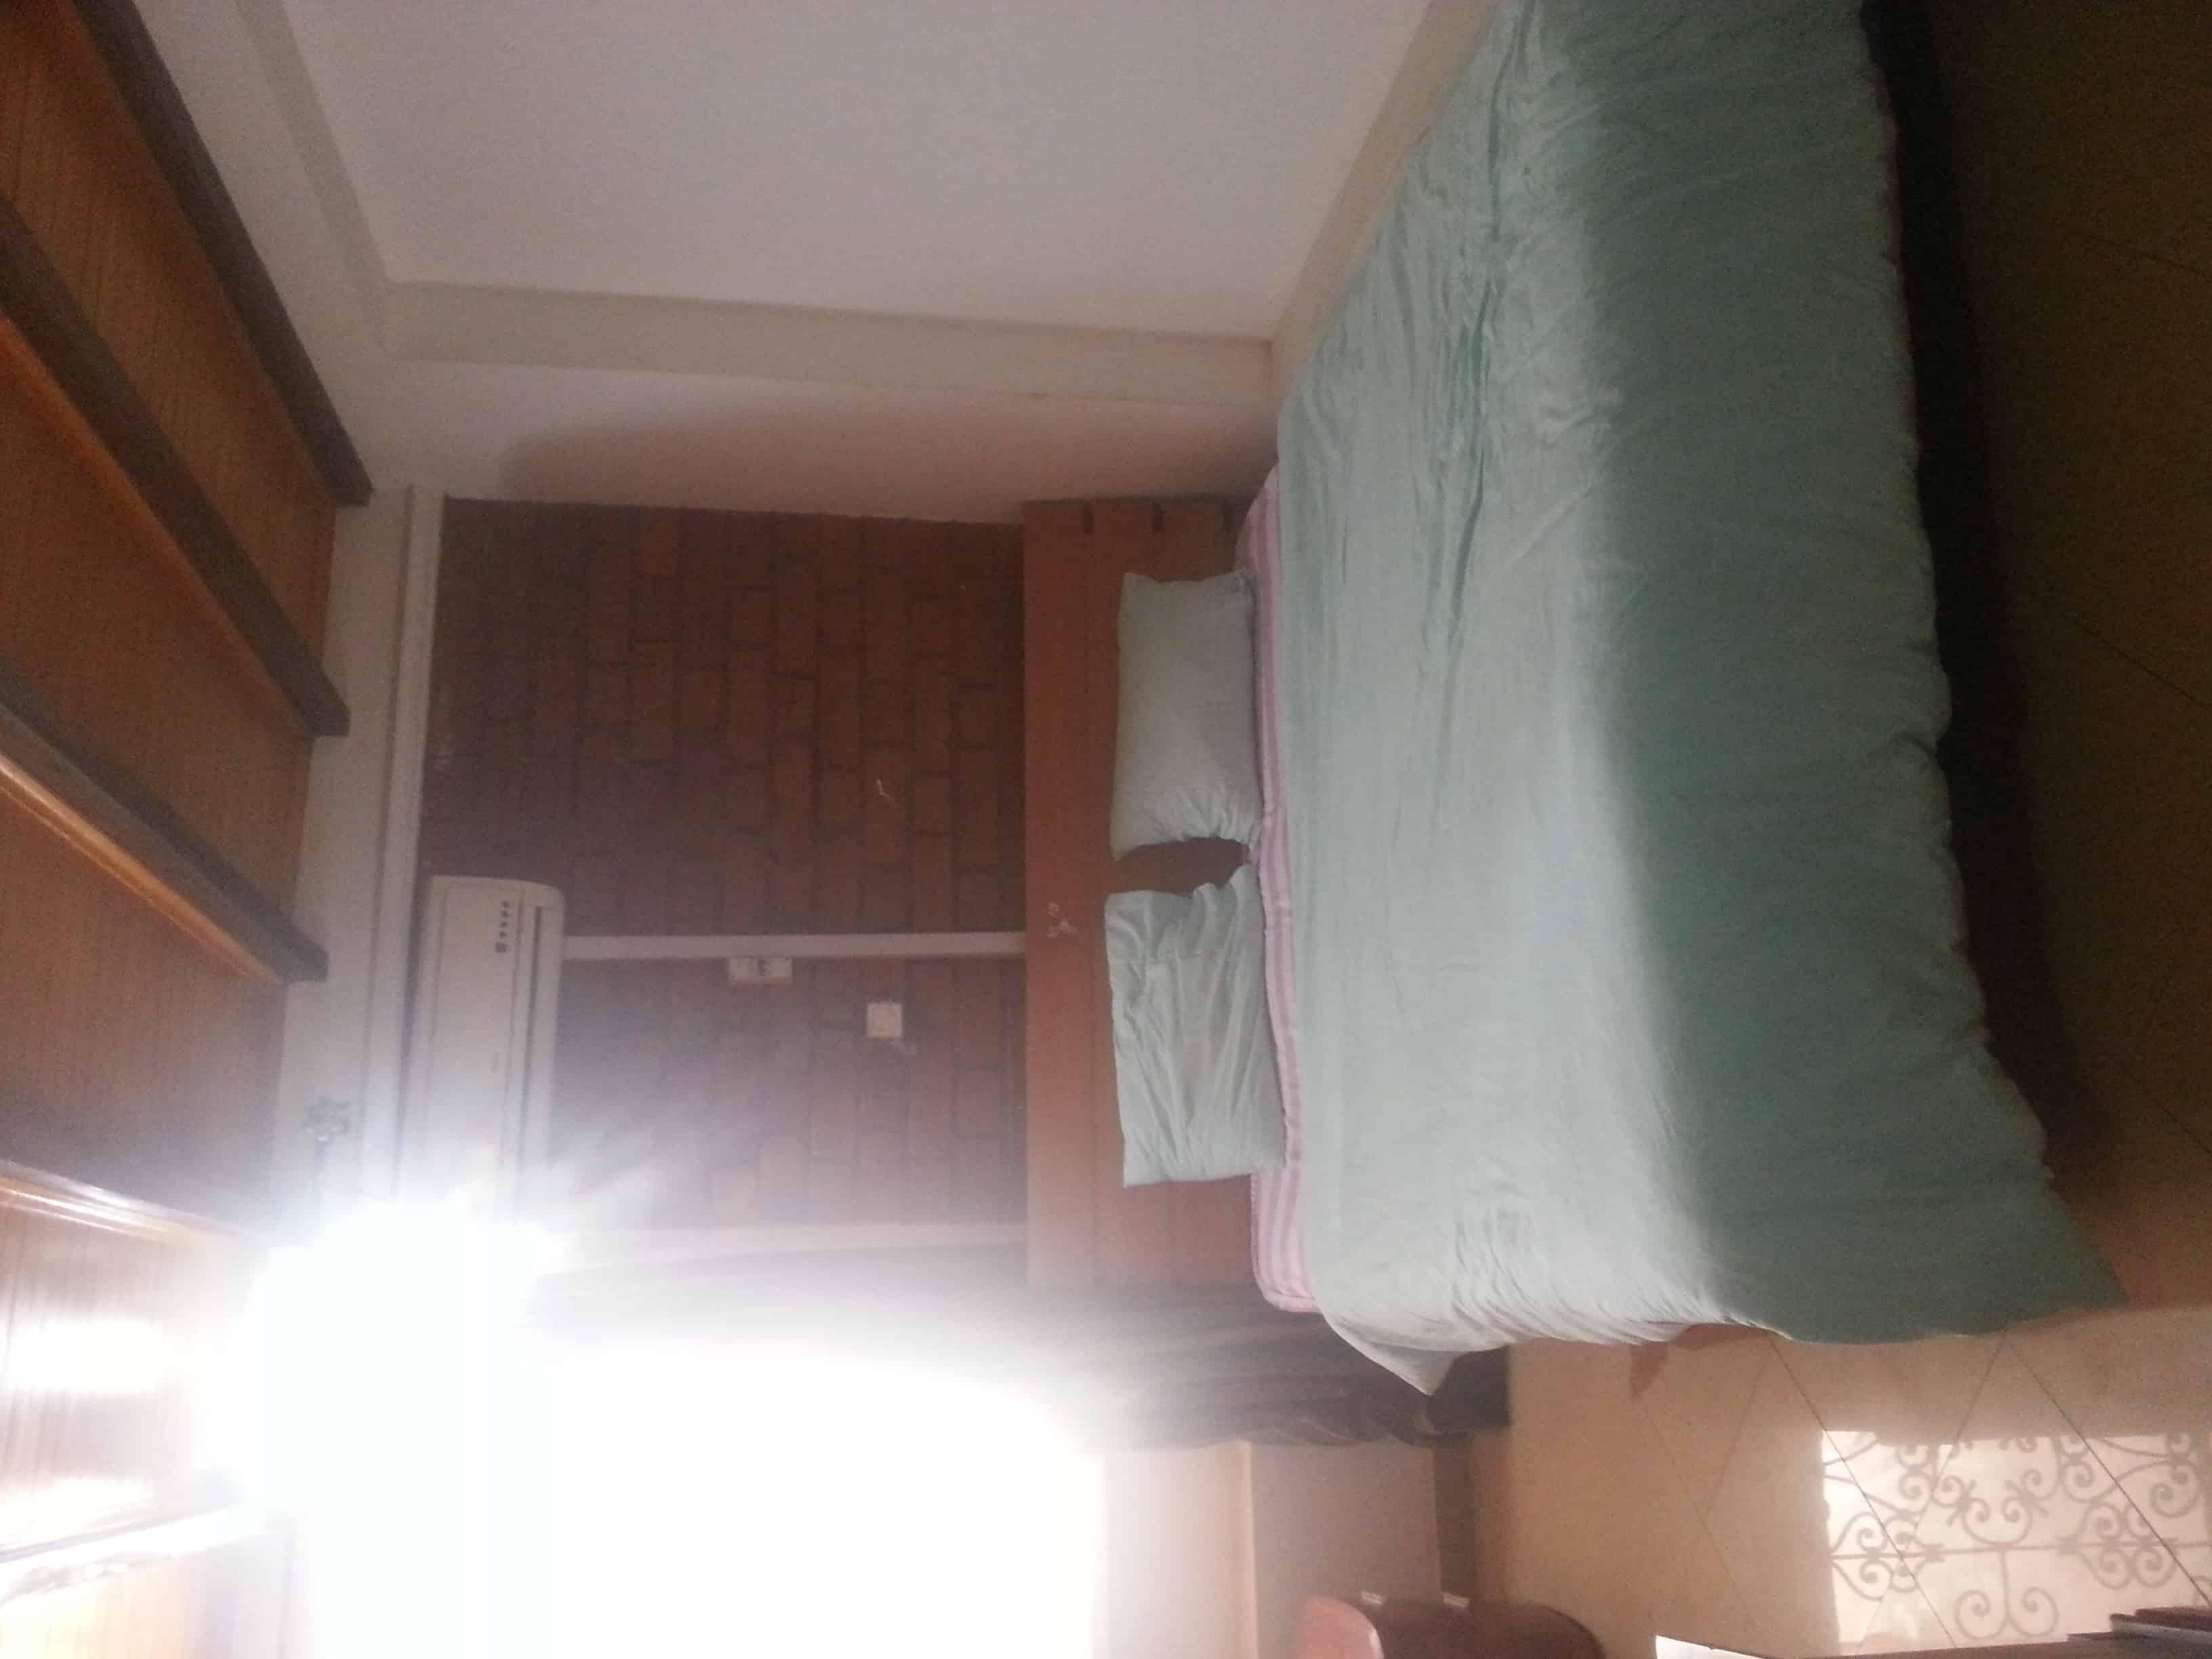 Apartment to rent - Yaoundé, Bastos, carrefour bastos - 1 living room(s), 3 bedroom(s), 2 bathroom(s) - 1 200 000 FCFA / month